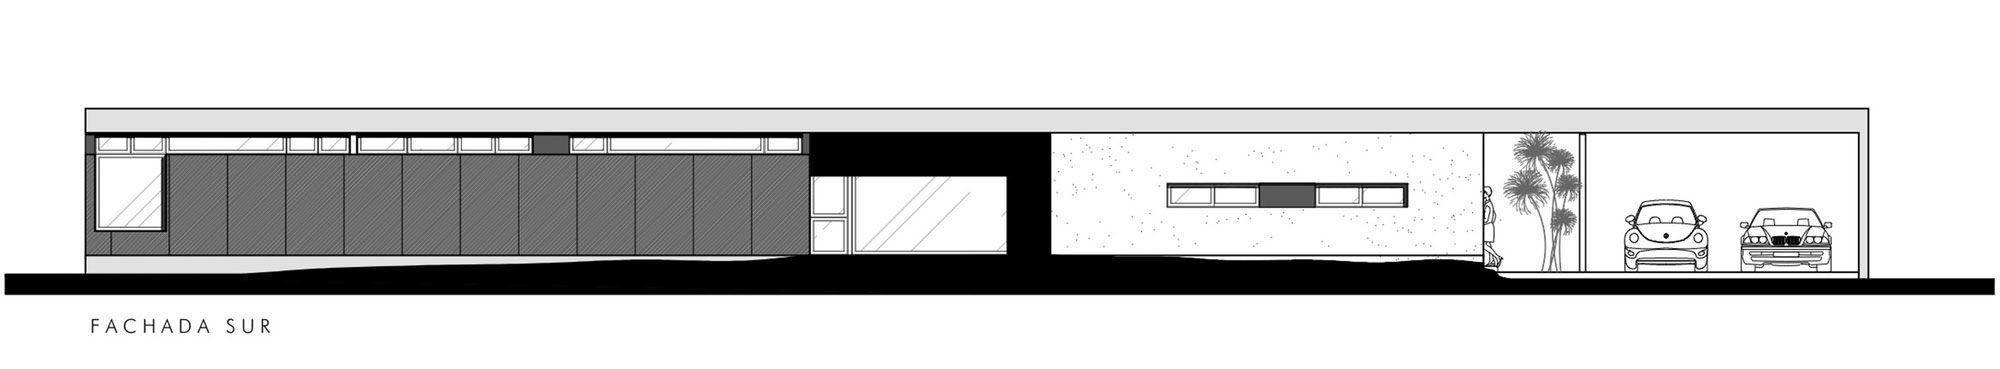 Linear-House-19